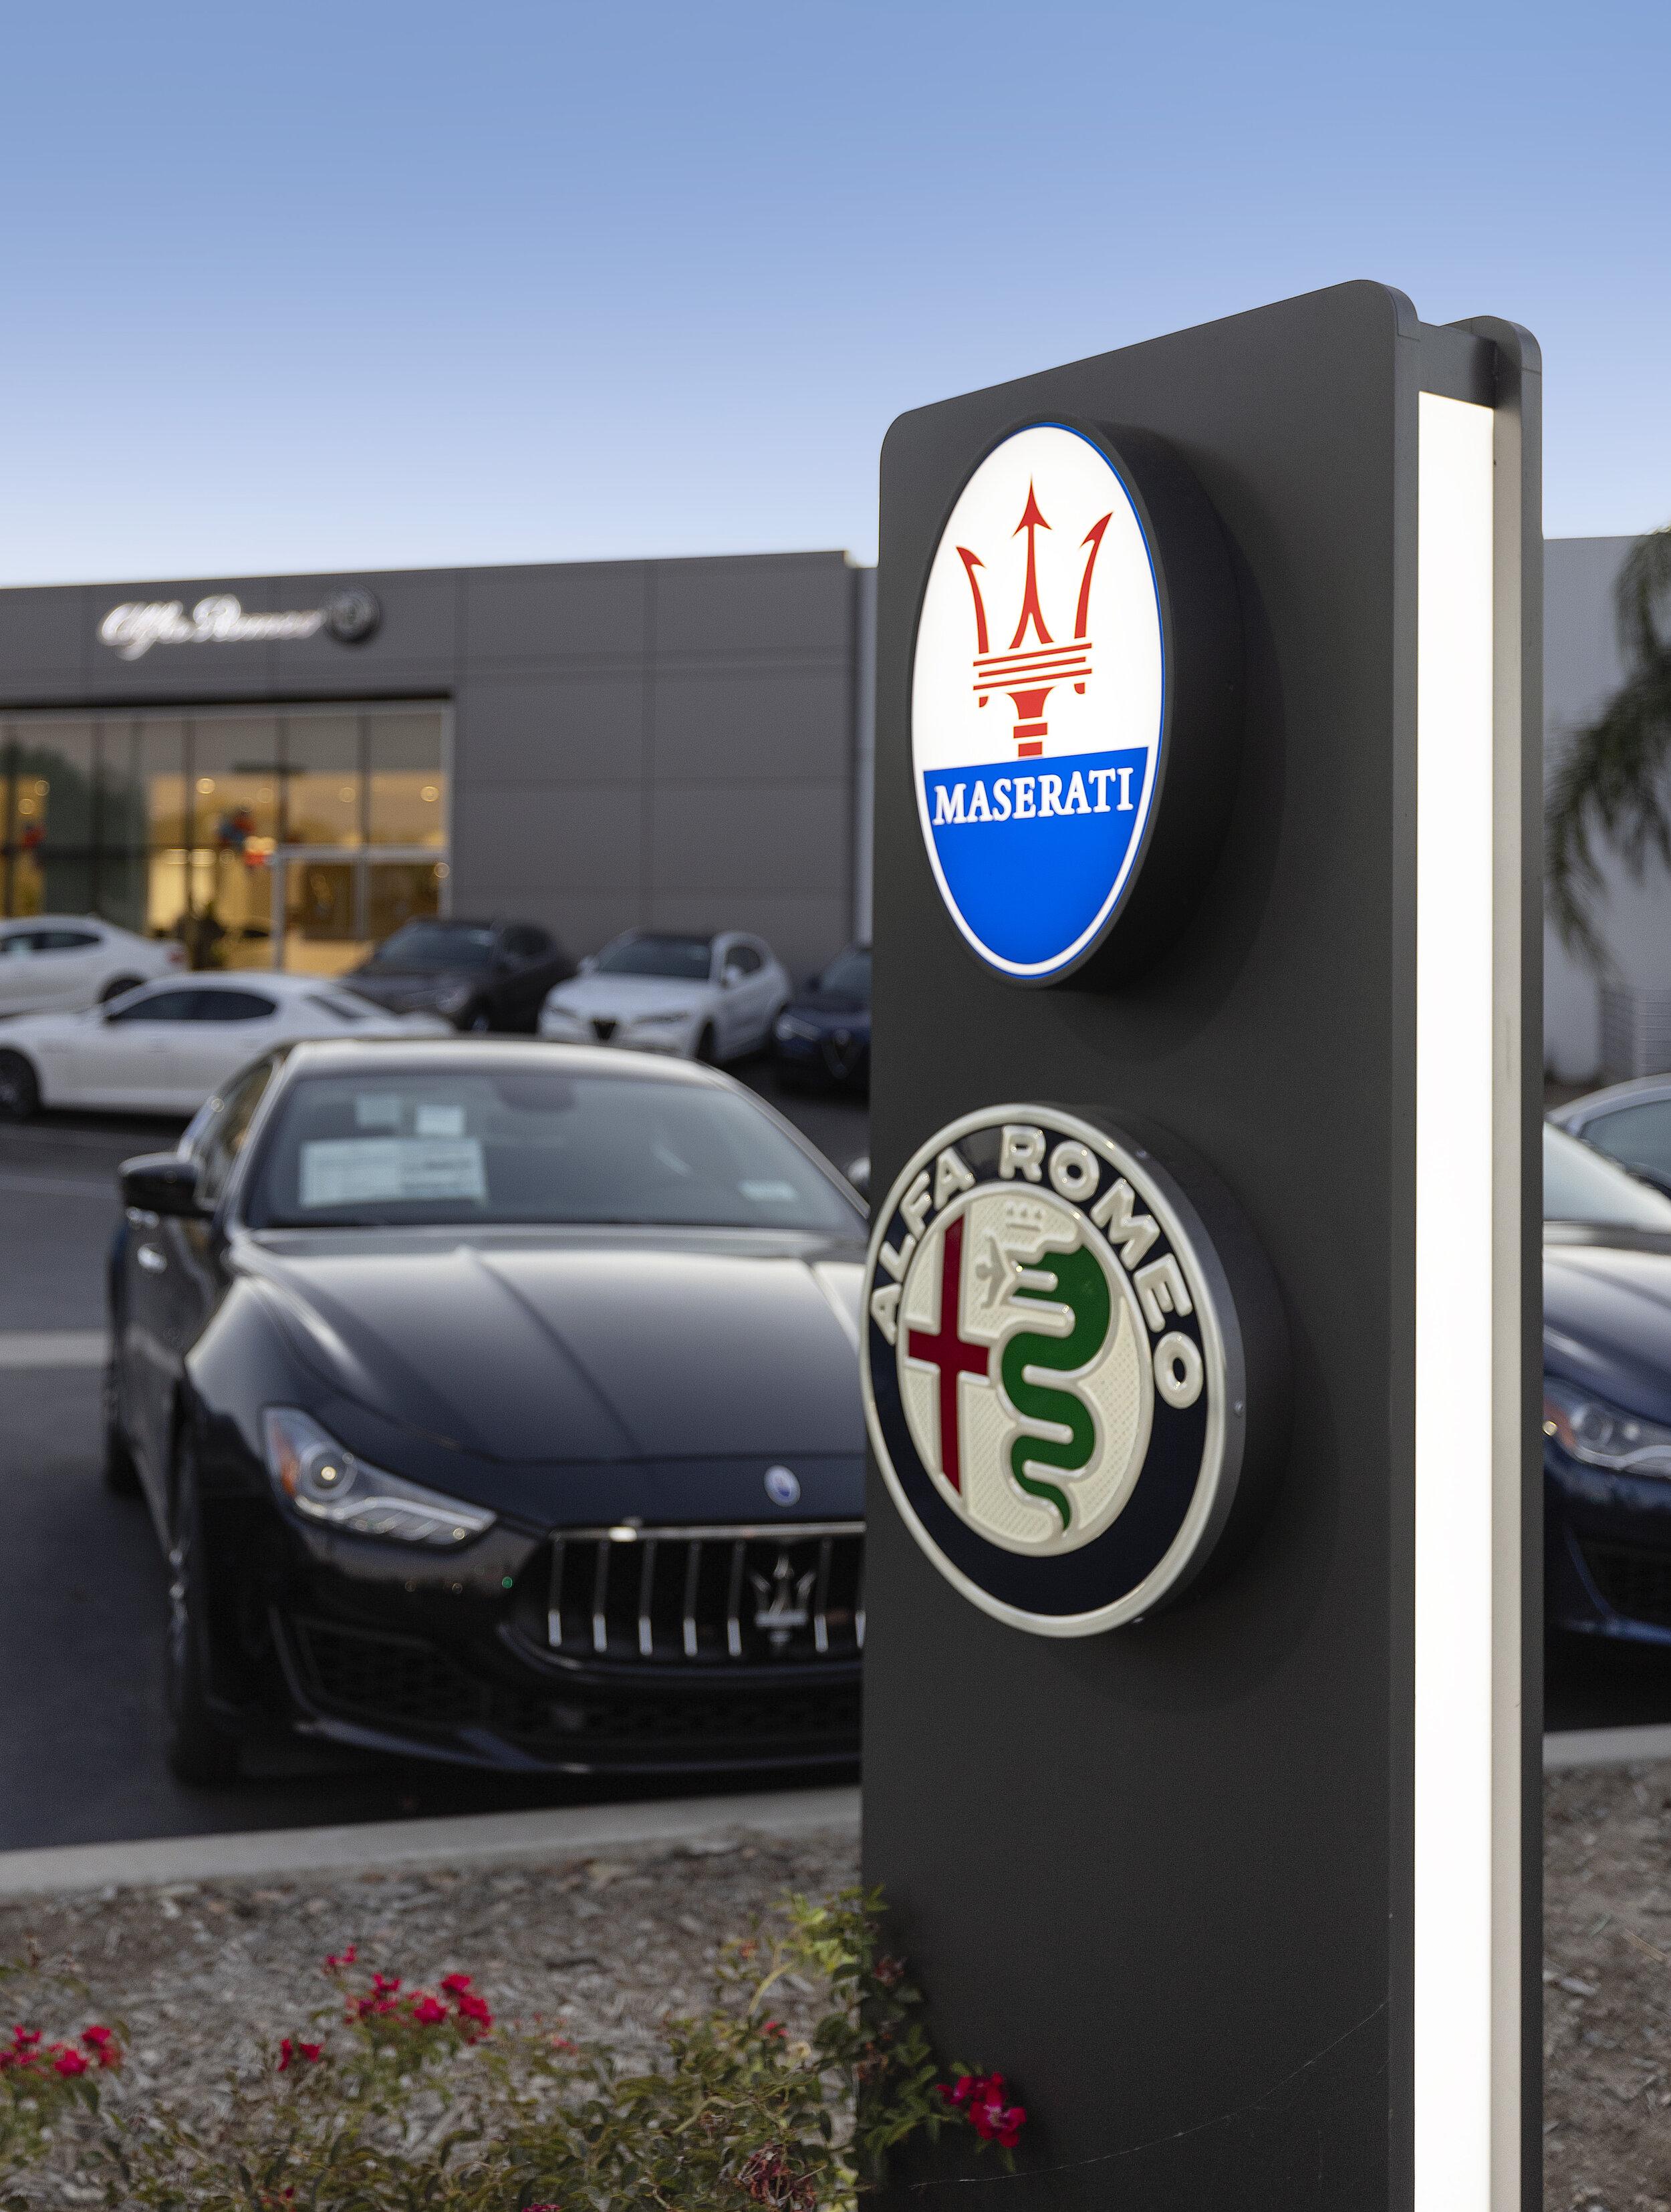 Maserati_04.jpg